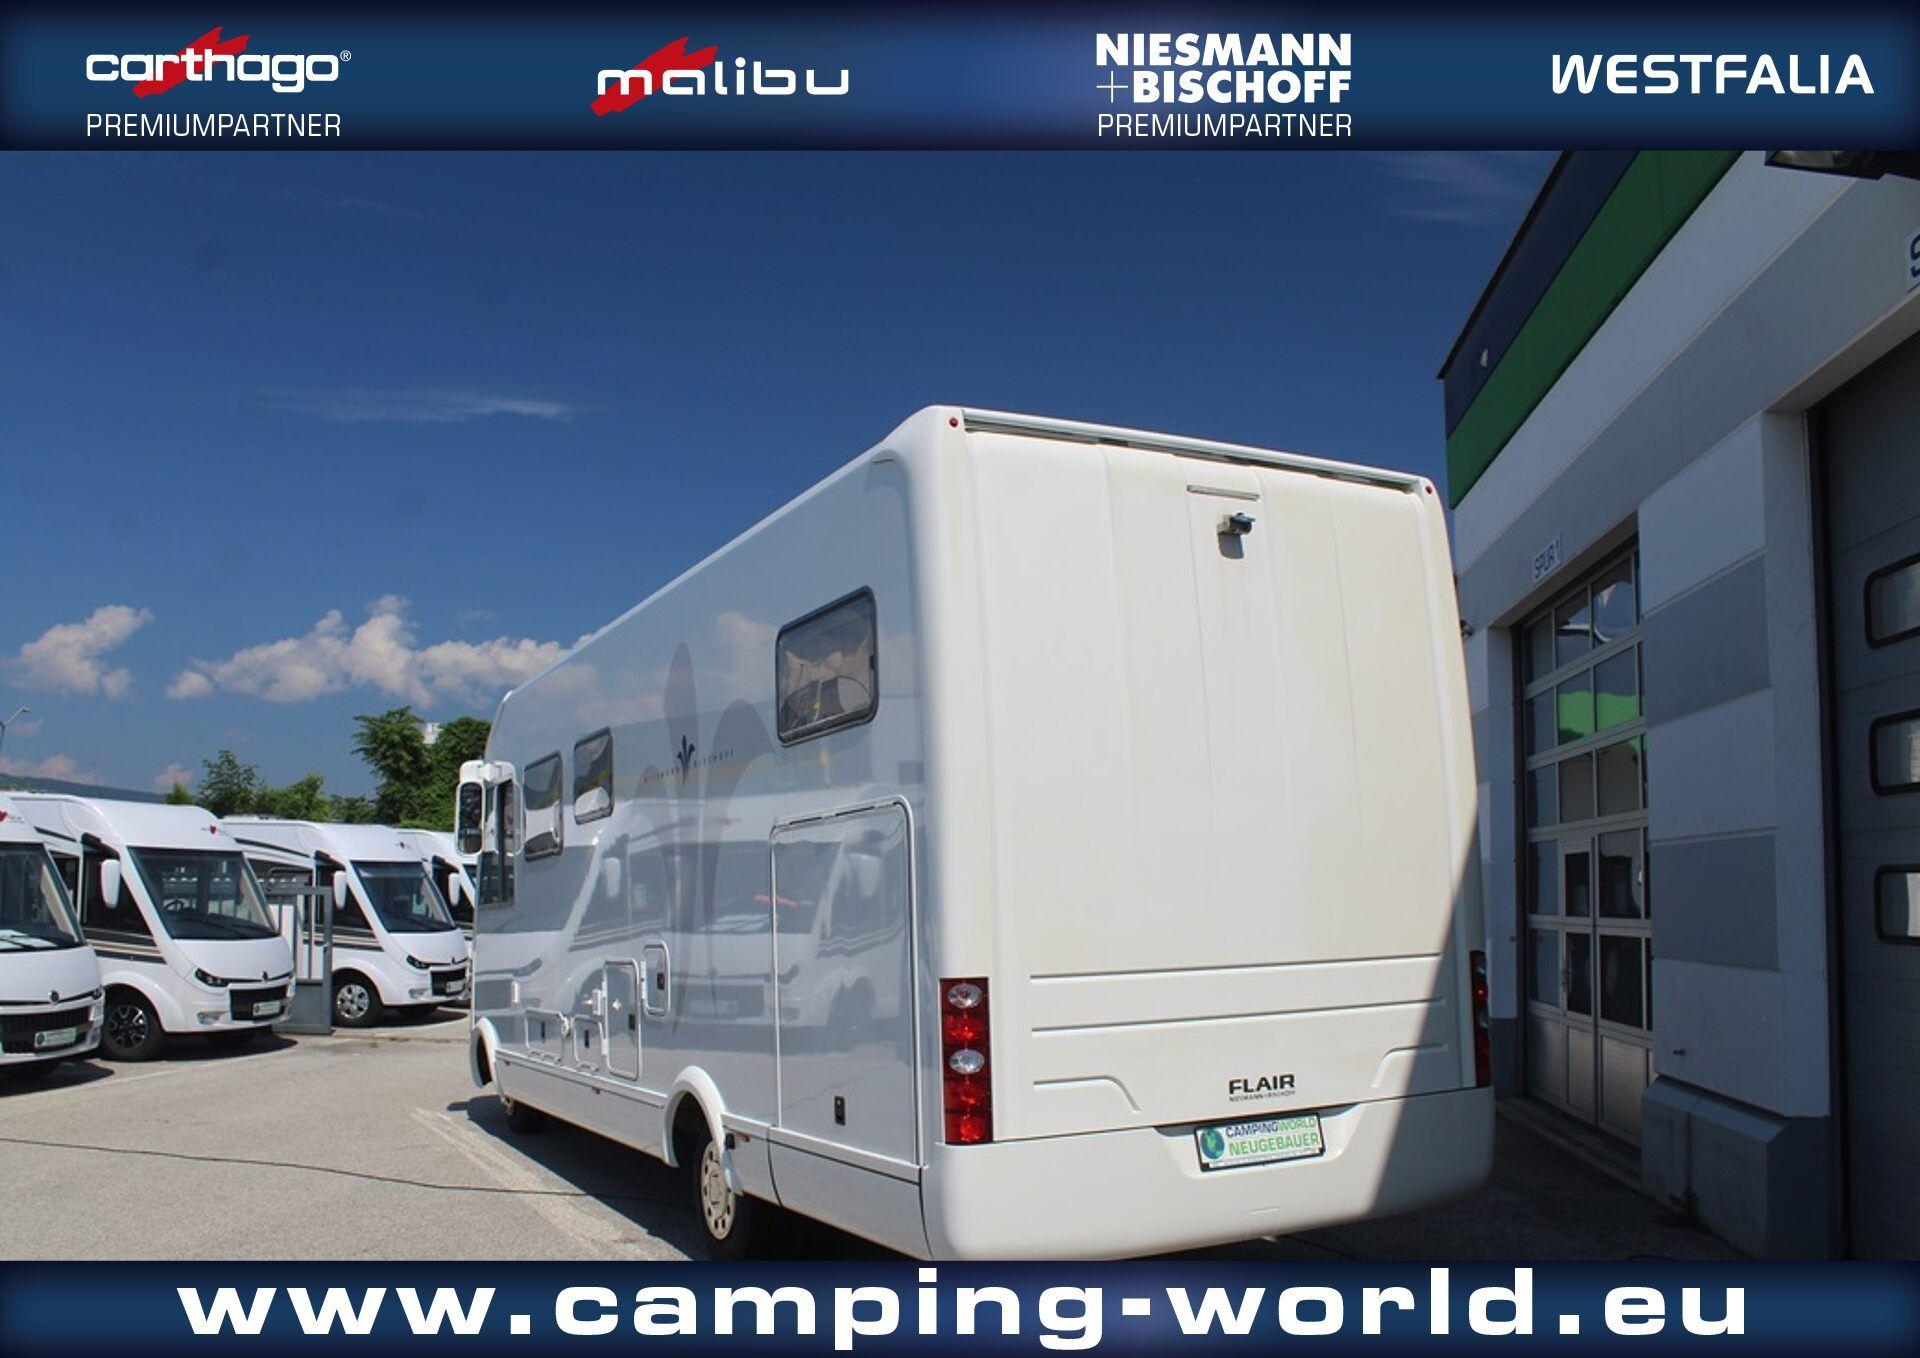 Niesmann + Bischoff Flair 7100 i - Bild 1